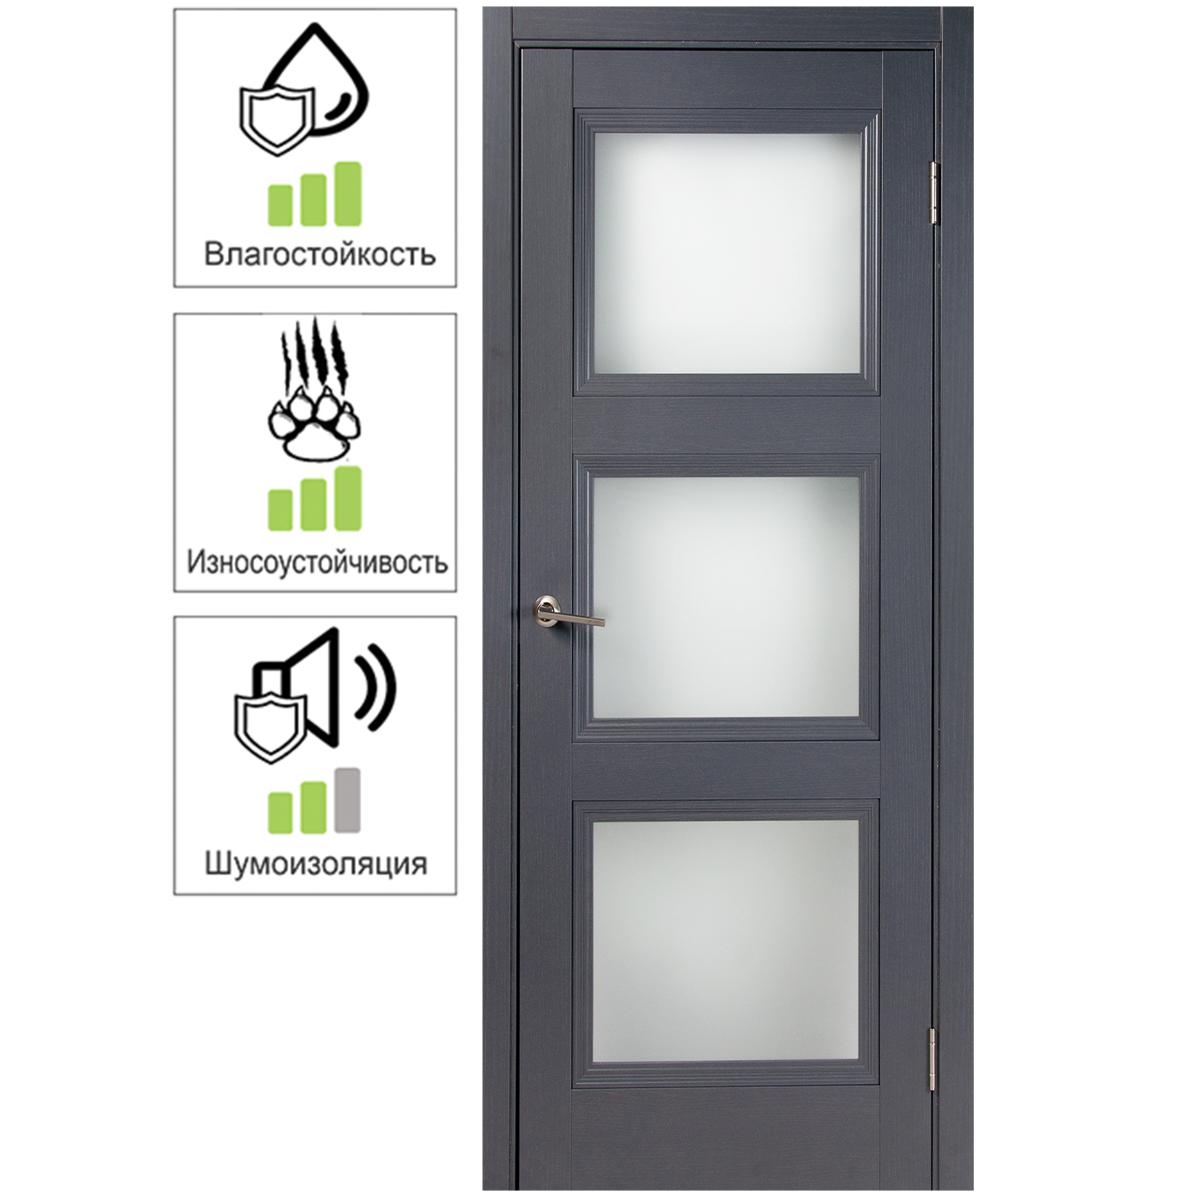 Дверь межкомнатная остеклённая с замком и петлями в комплекте Трилло 70x200 см  Hardflex цвет грей